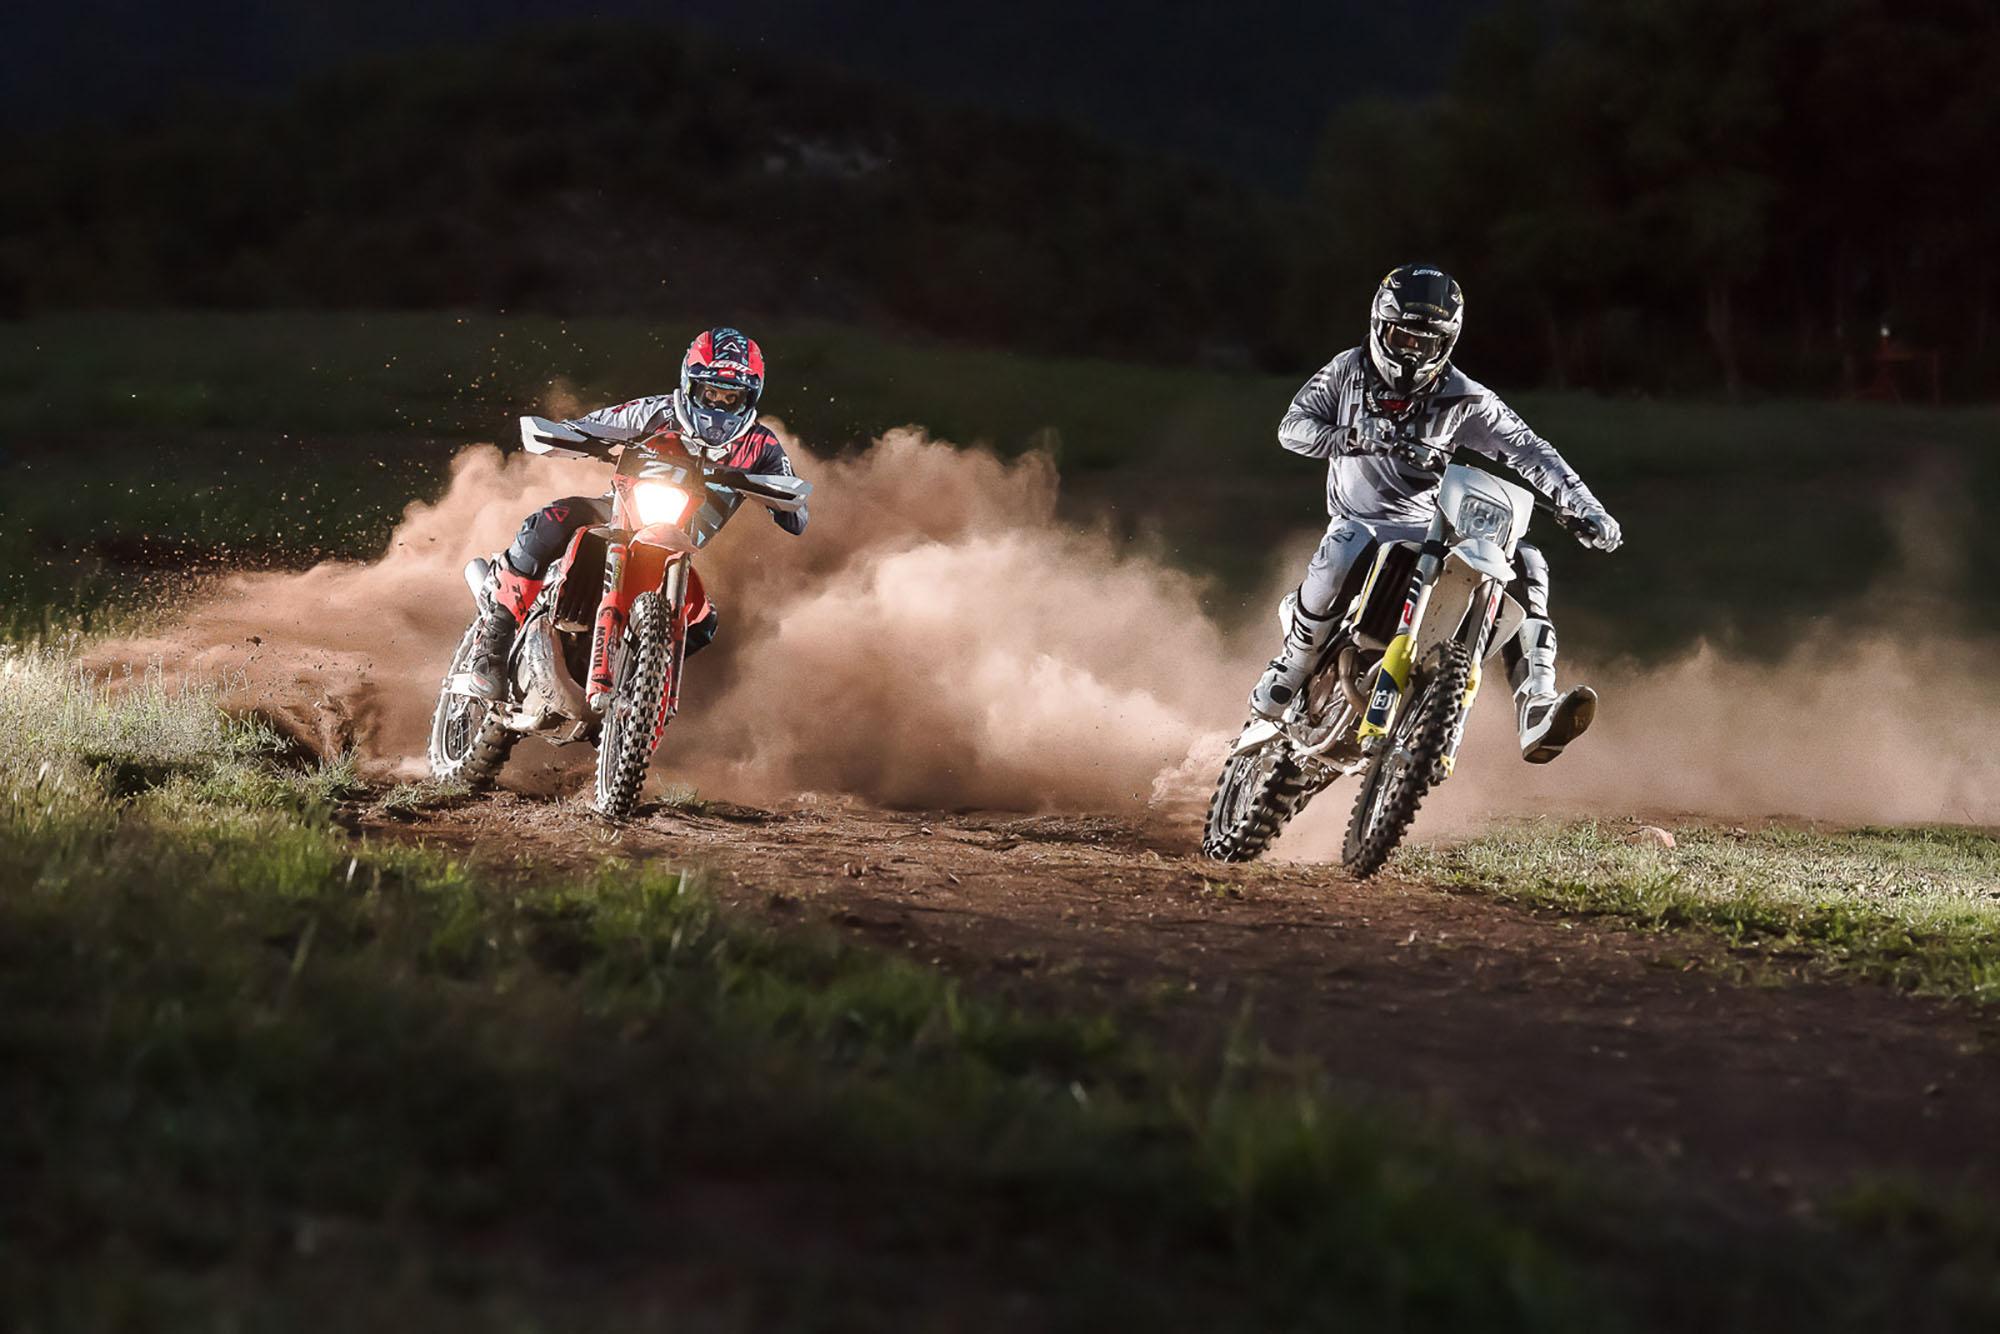 Leatt2019-MotoGPX_57282-ChristophLaue.jpg